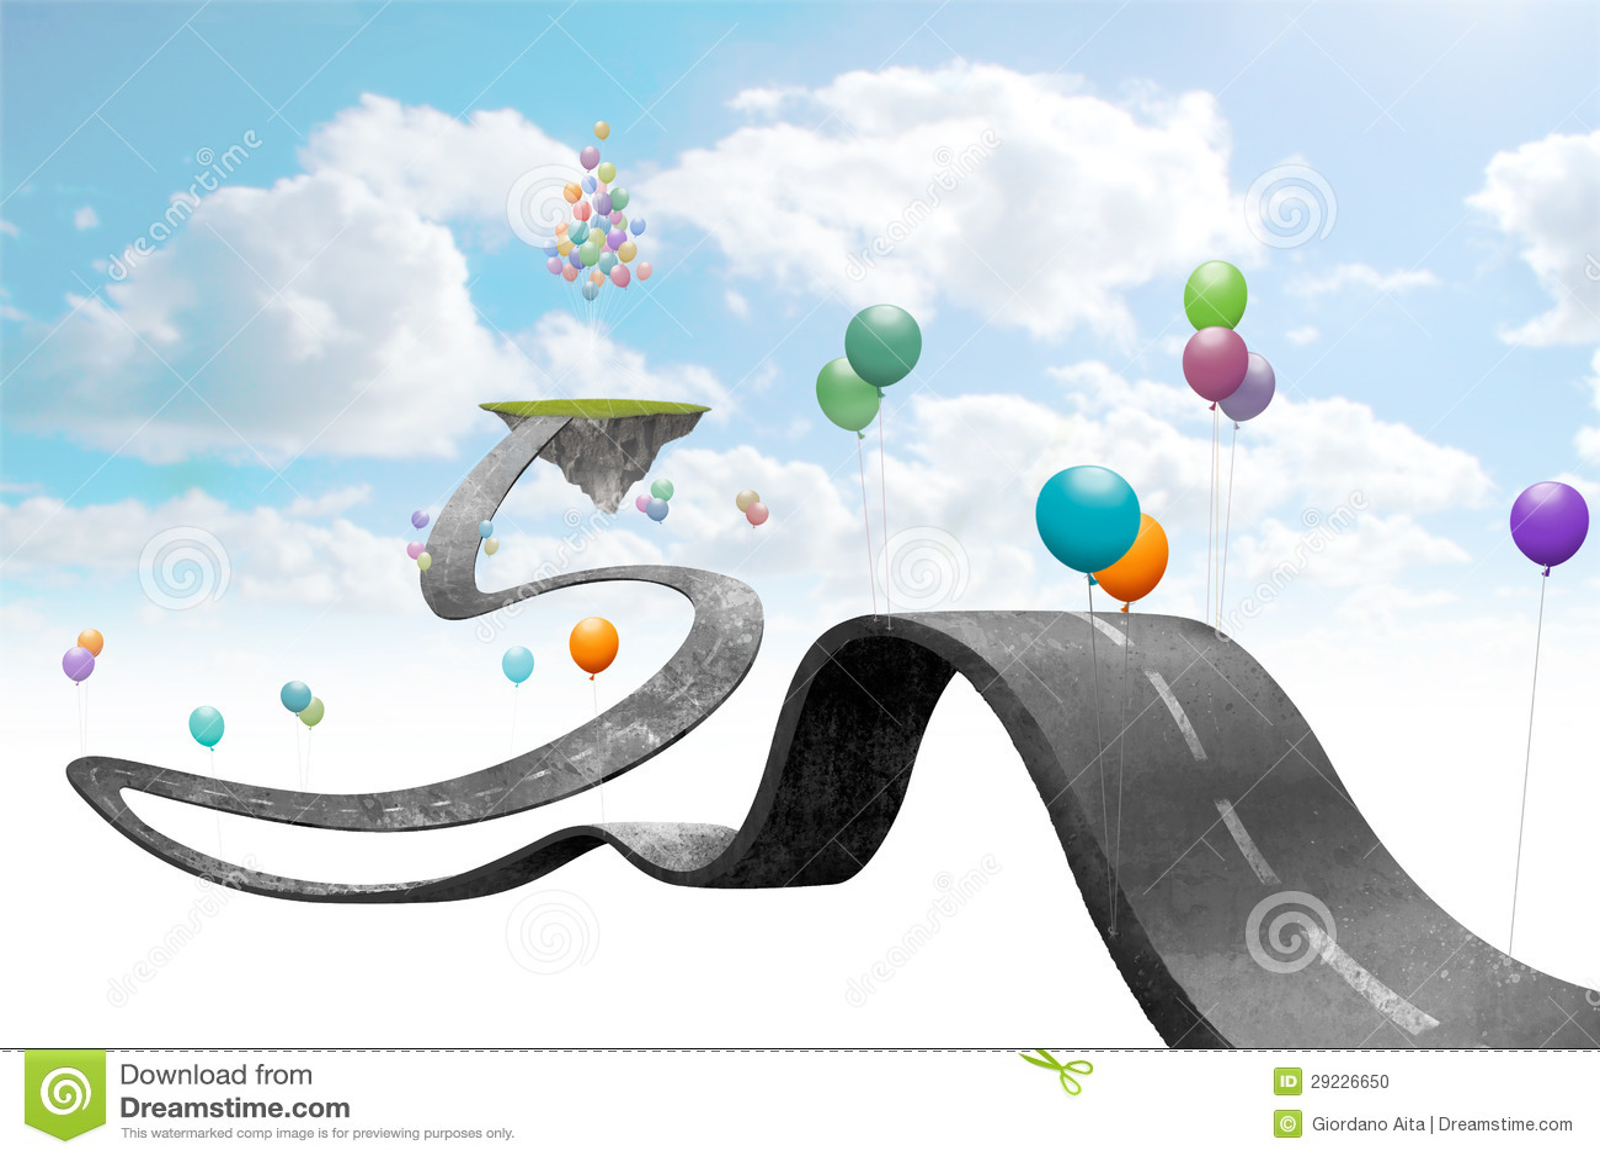 Download Mundo suspendido ilustração stock. Ilustração de ilustração - 29226650